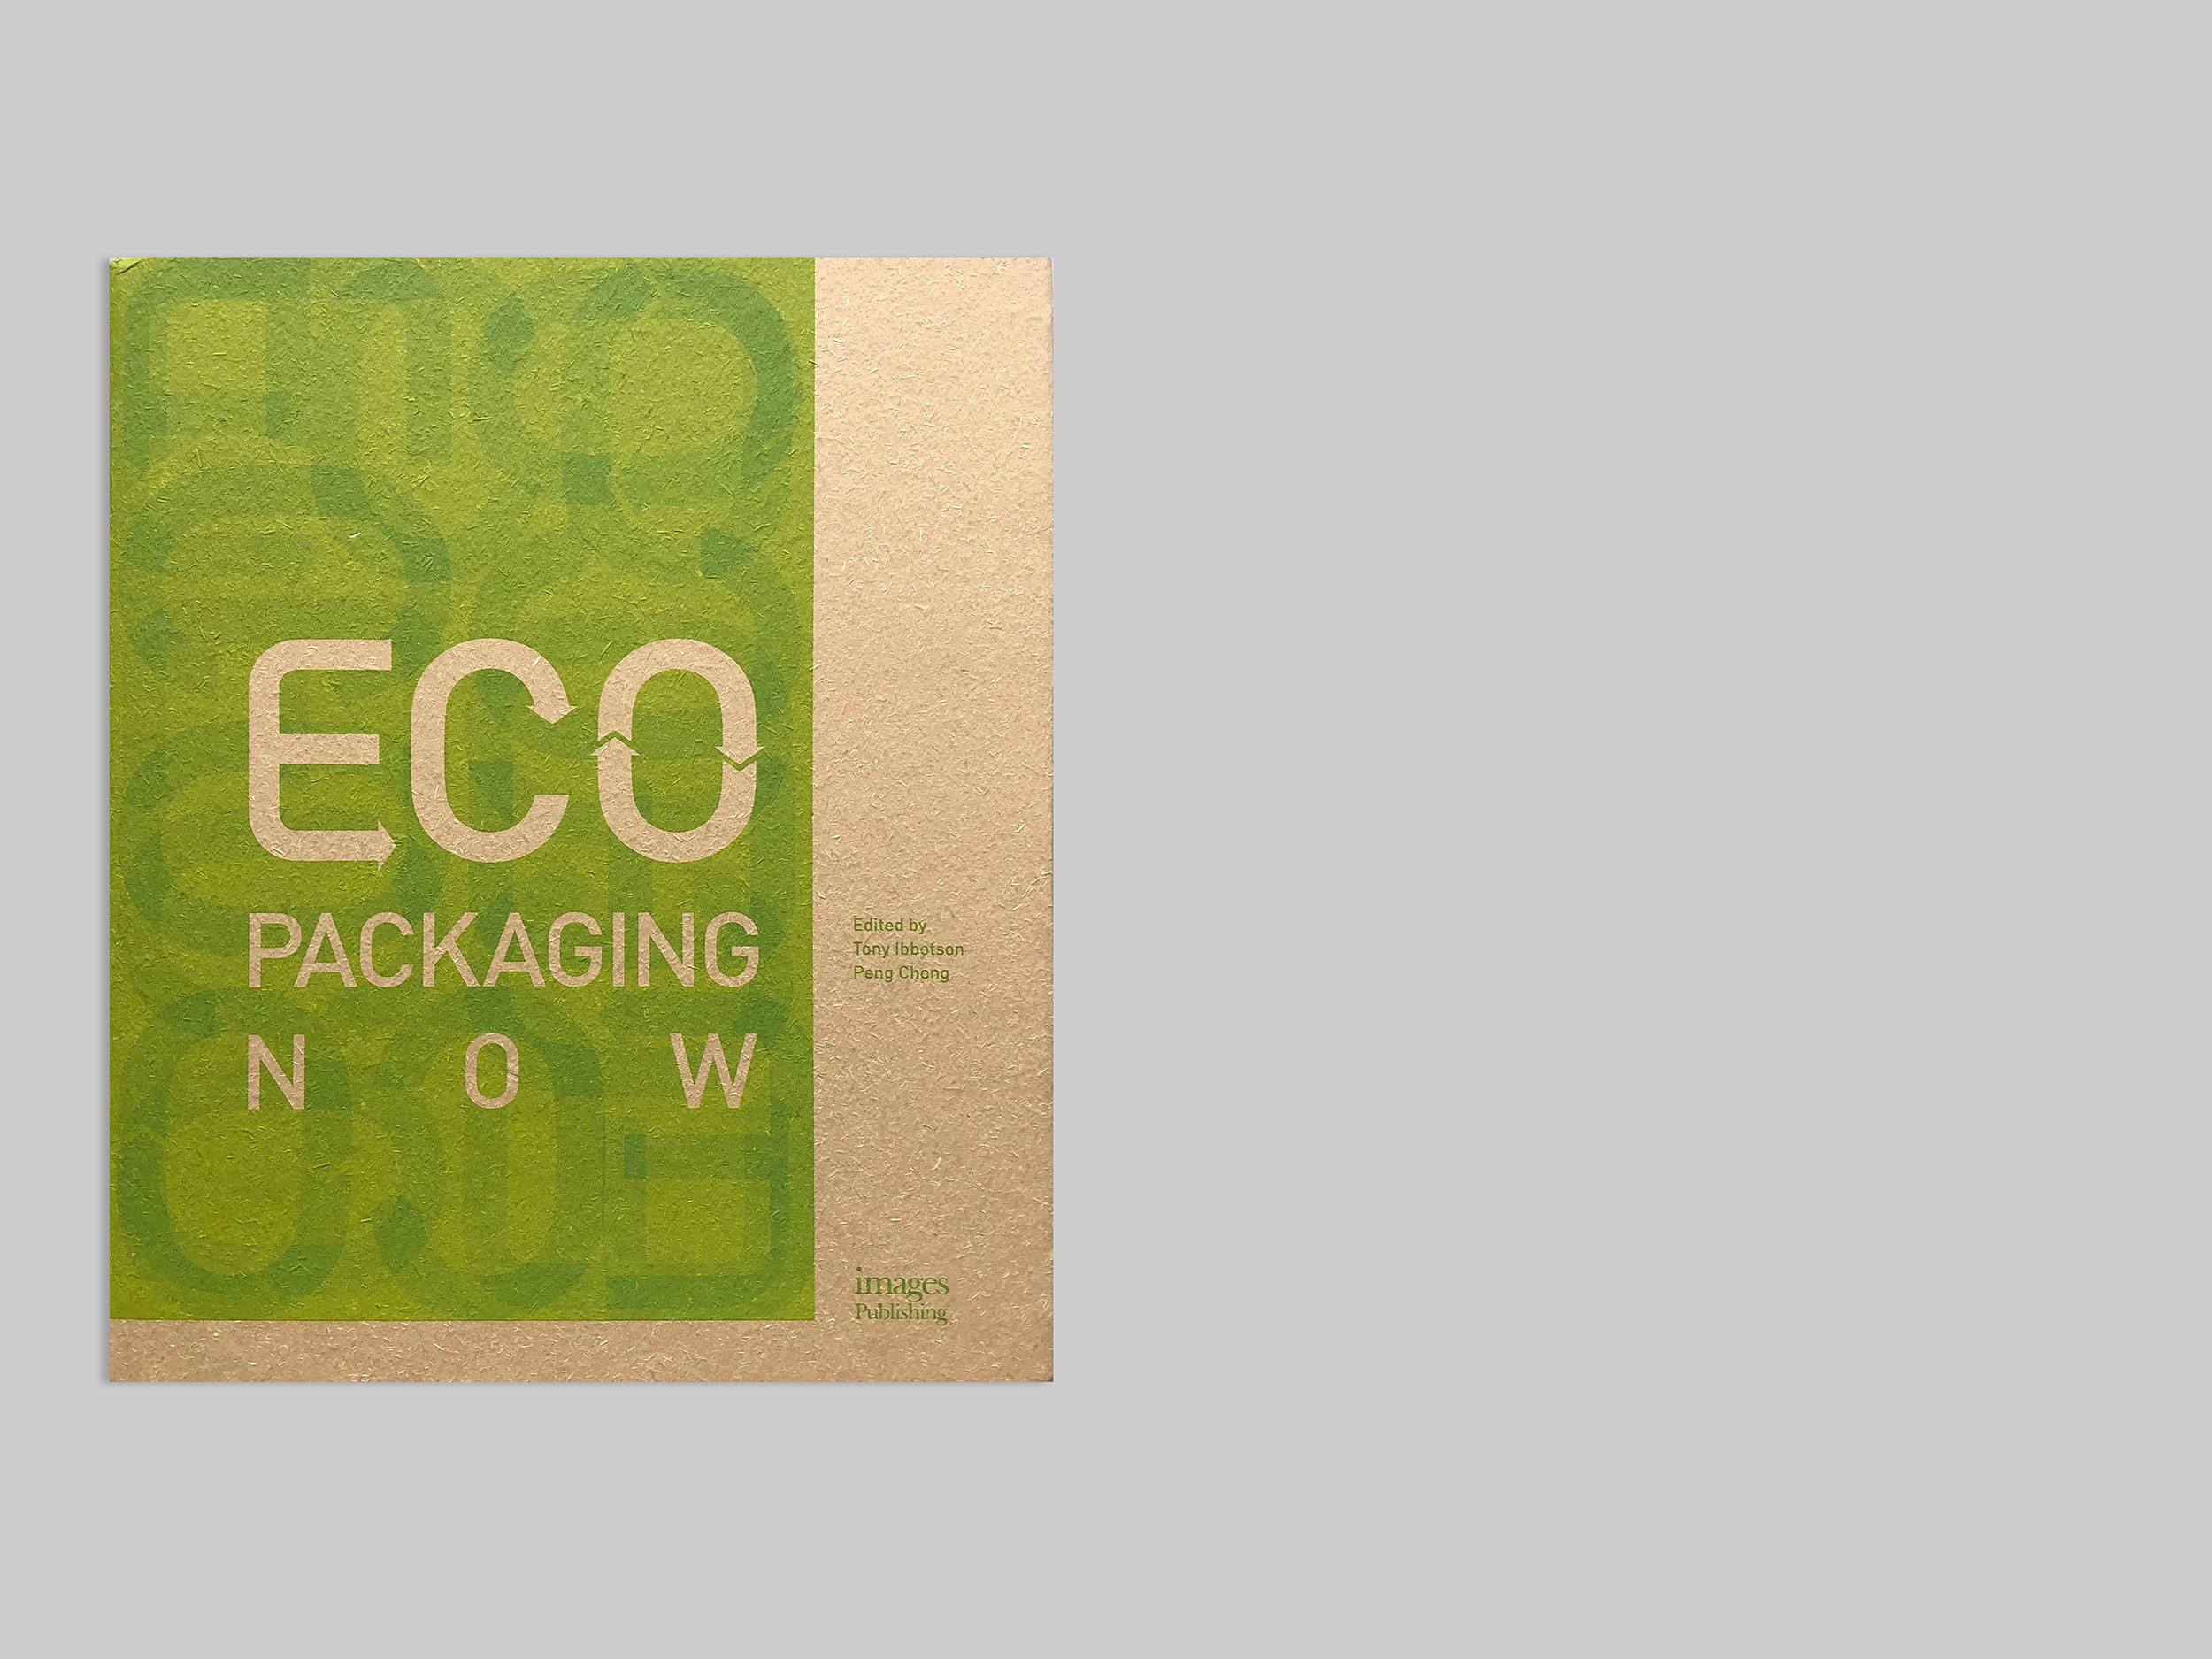 makebardo_EcoPackagingNow_01.jpg